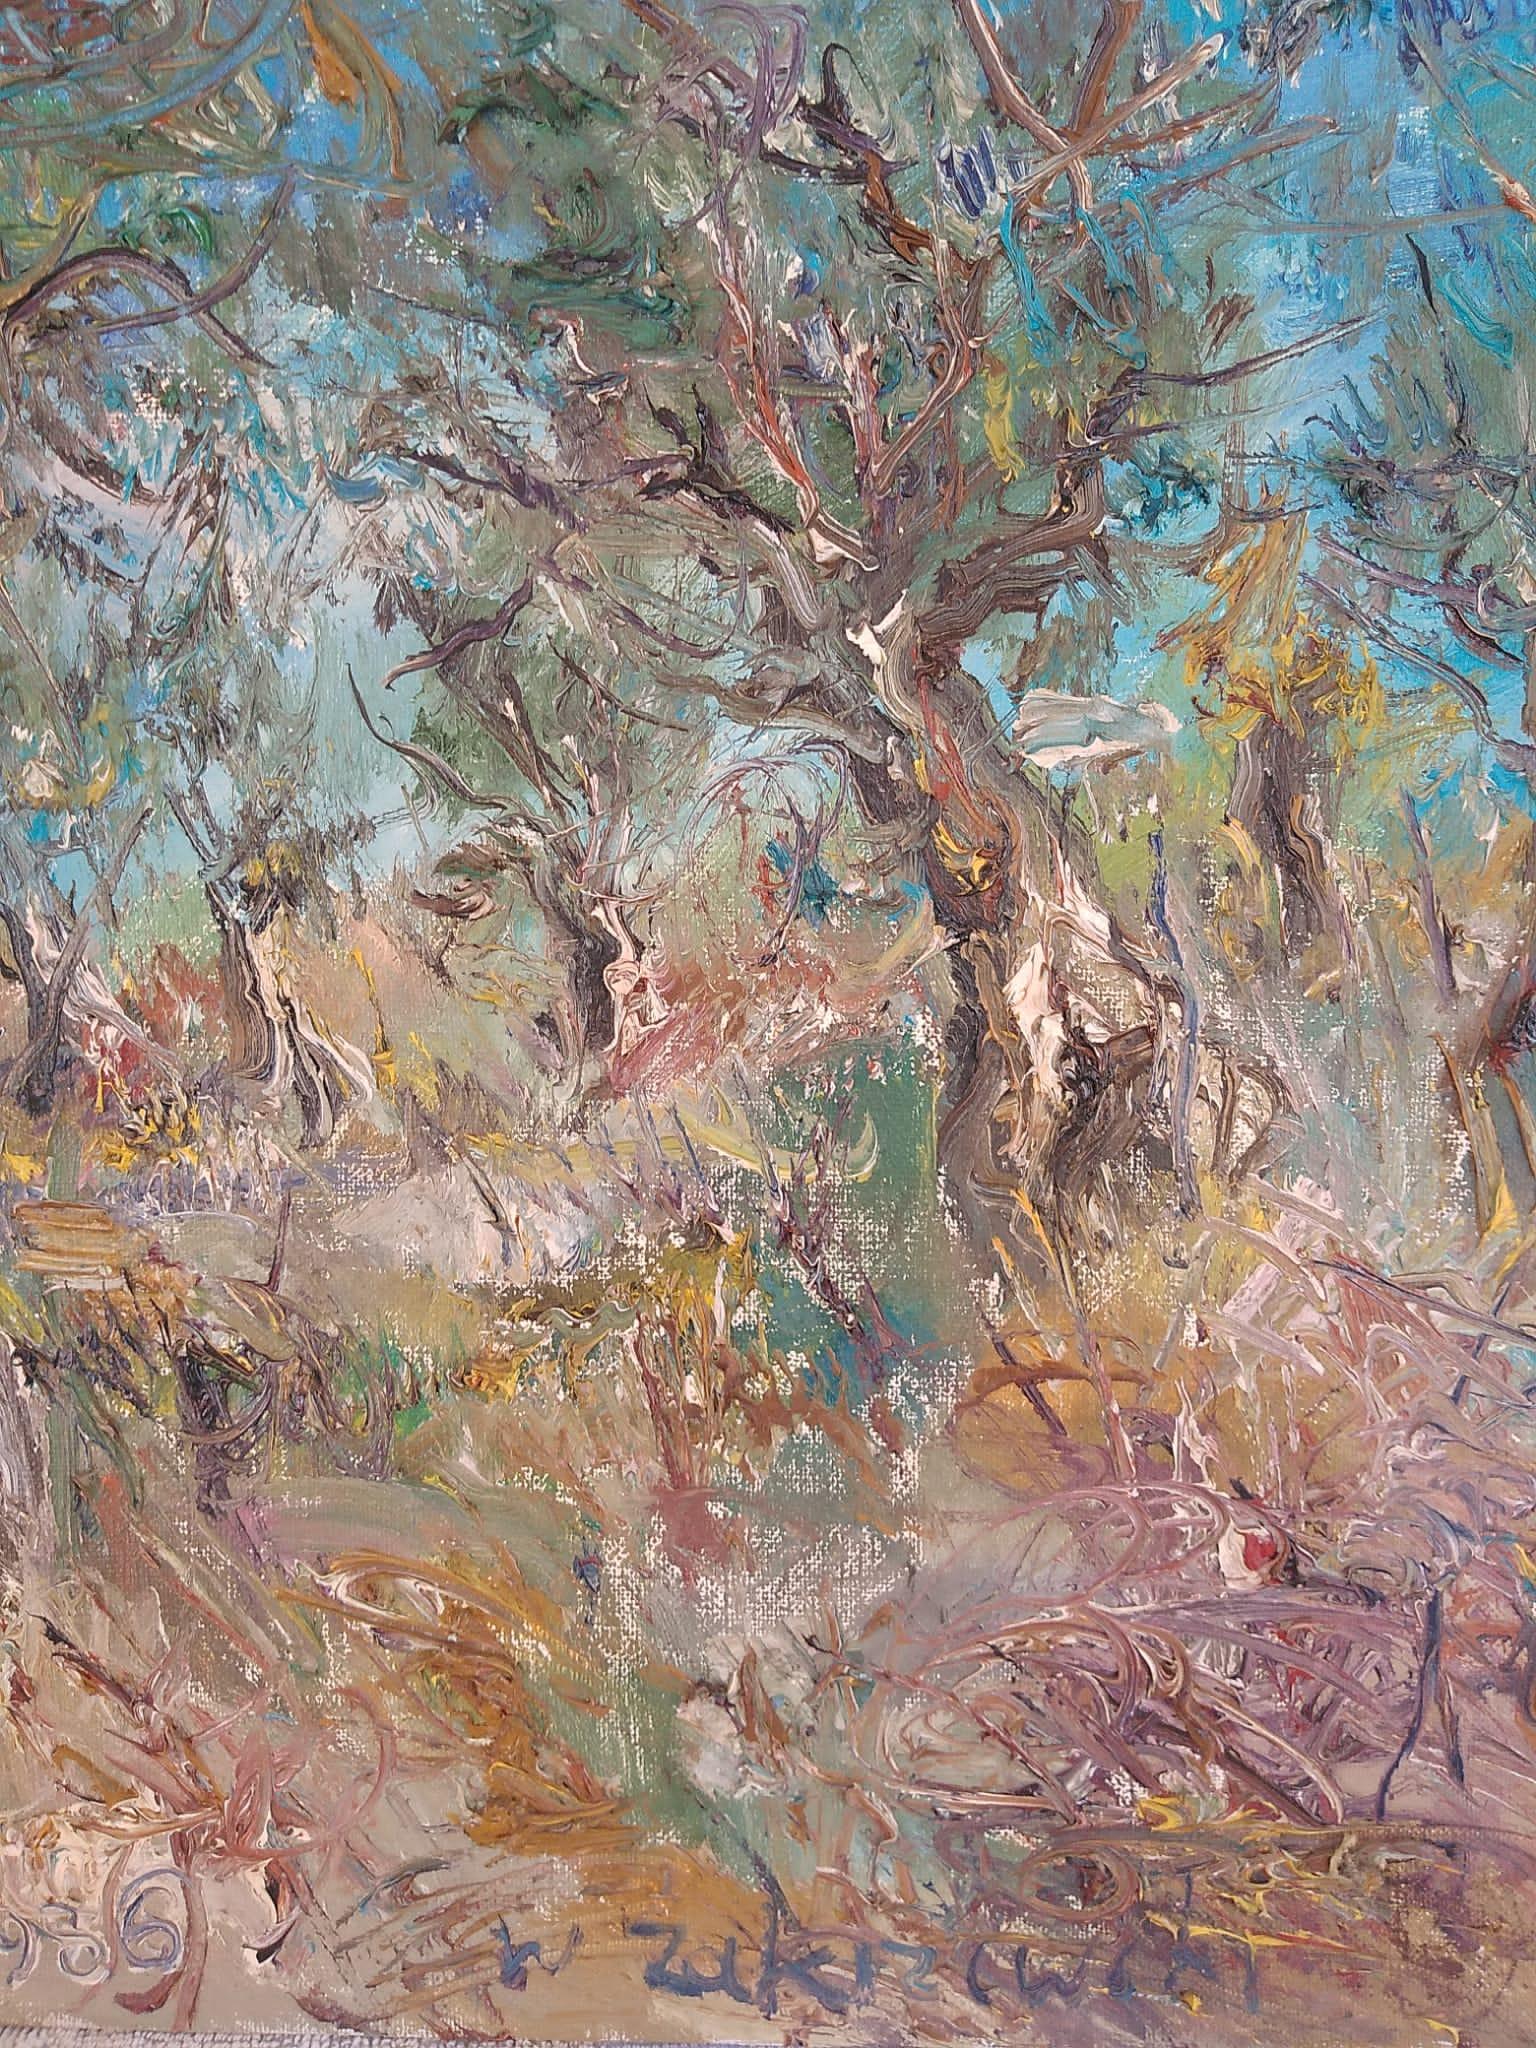 Wlodzimierz Zakrzewski – Tivoli, ulivi